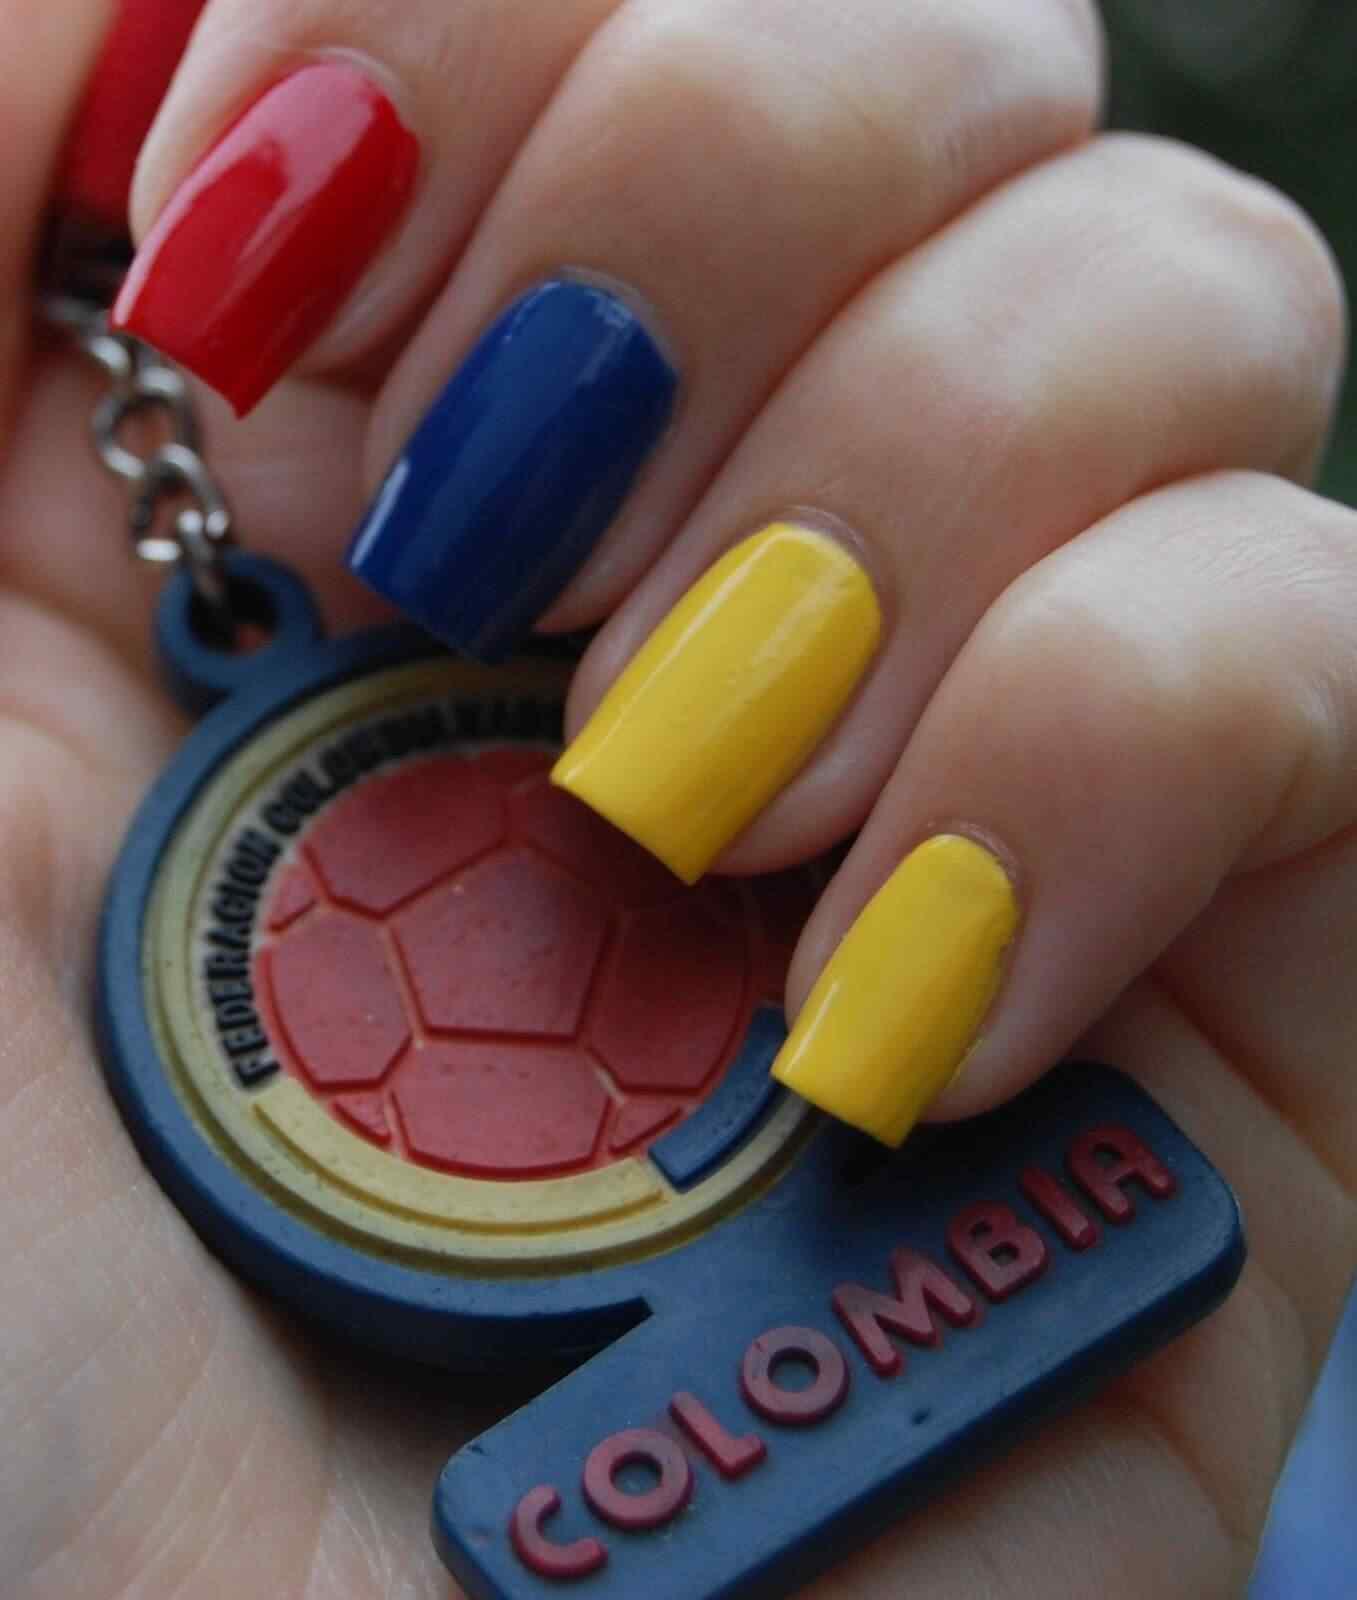 unas decoradas bandera de colombia (3)